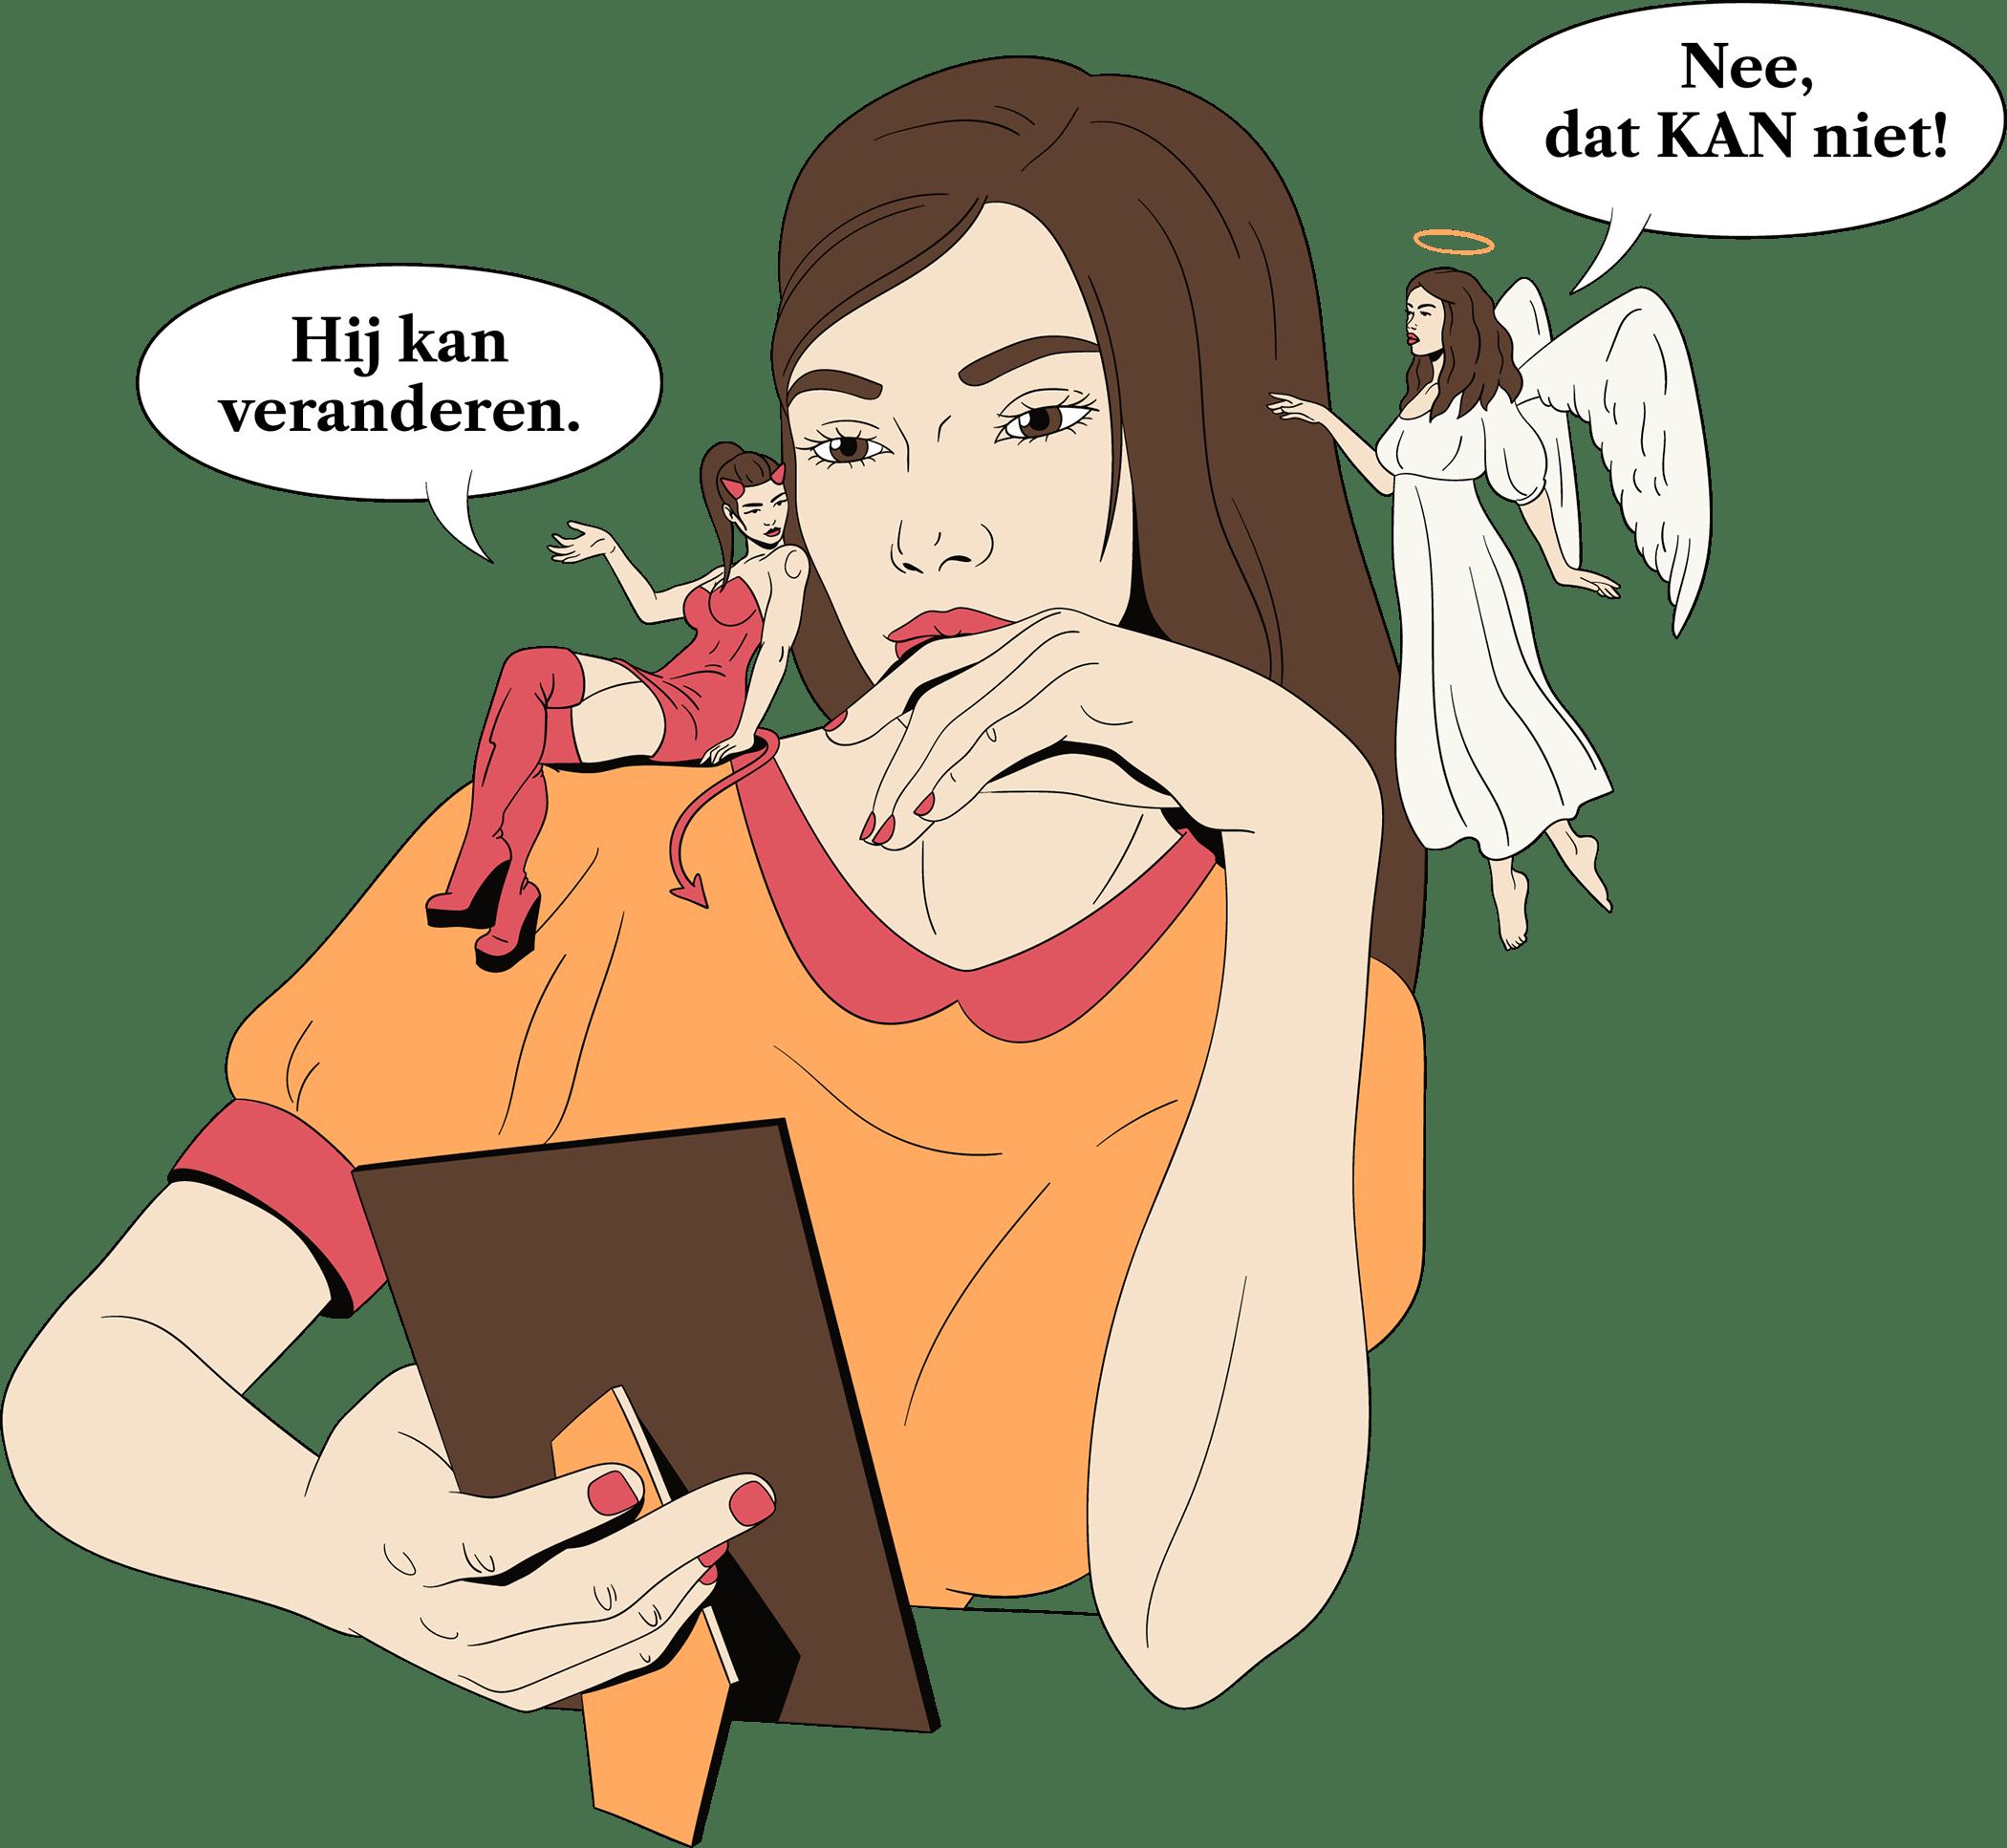 Een vrouw heeft een engeltje en een duivel op haar schouder die een discussie hebben over het loslaten van een man.